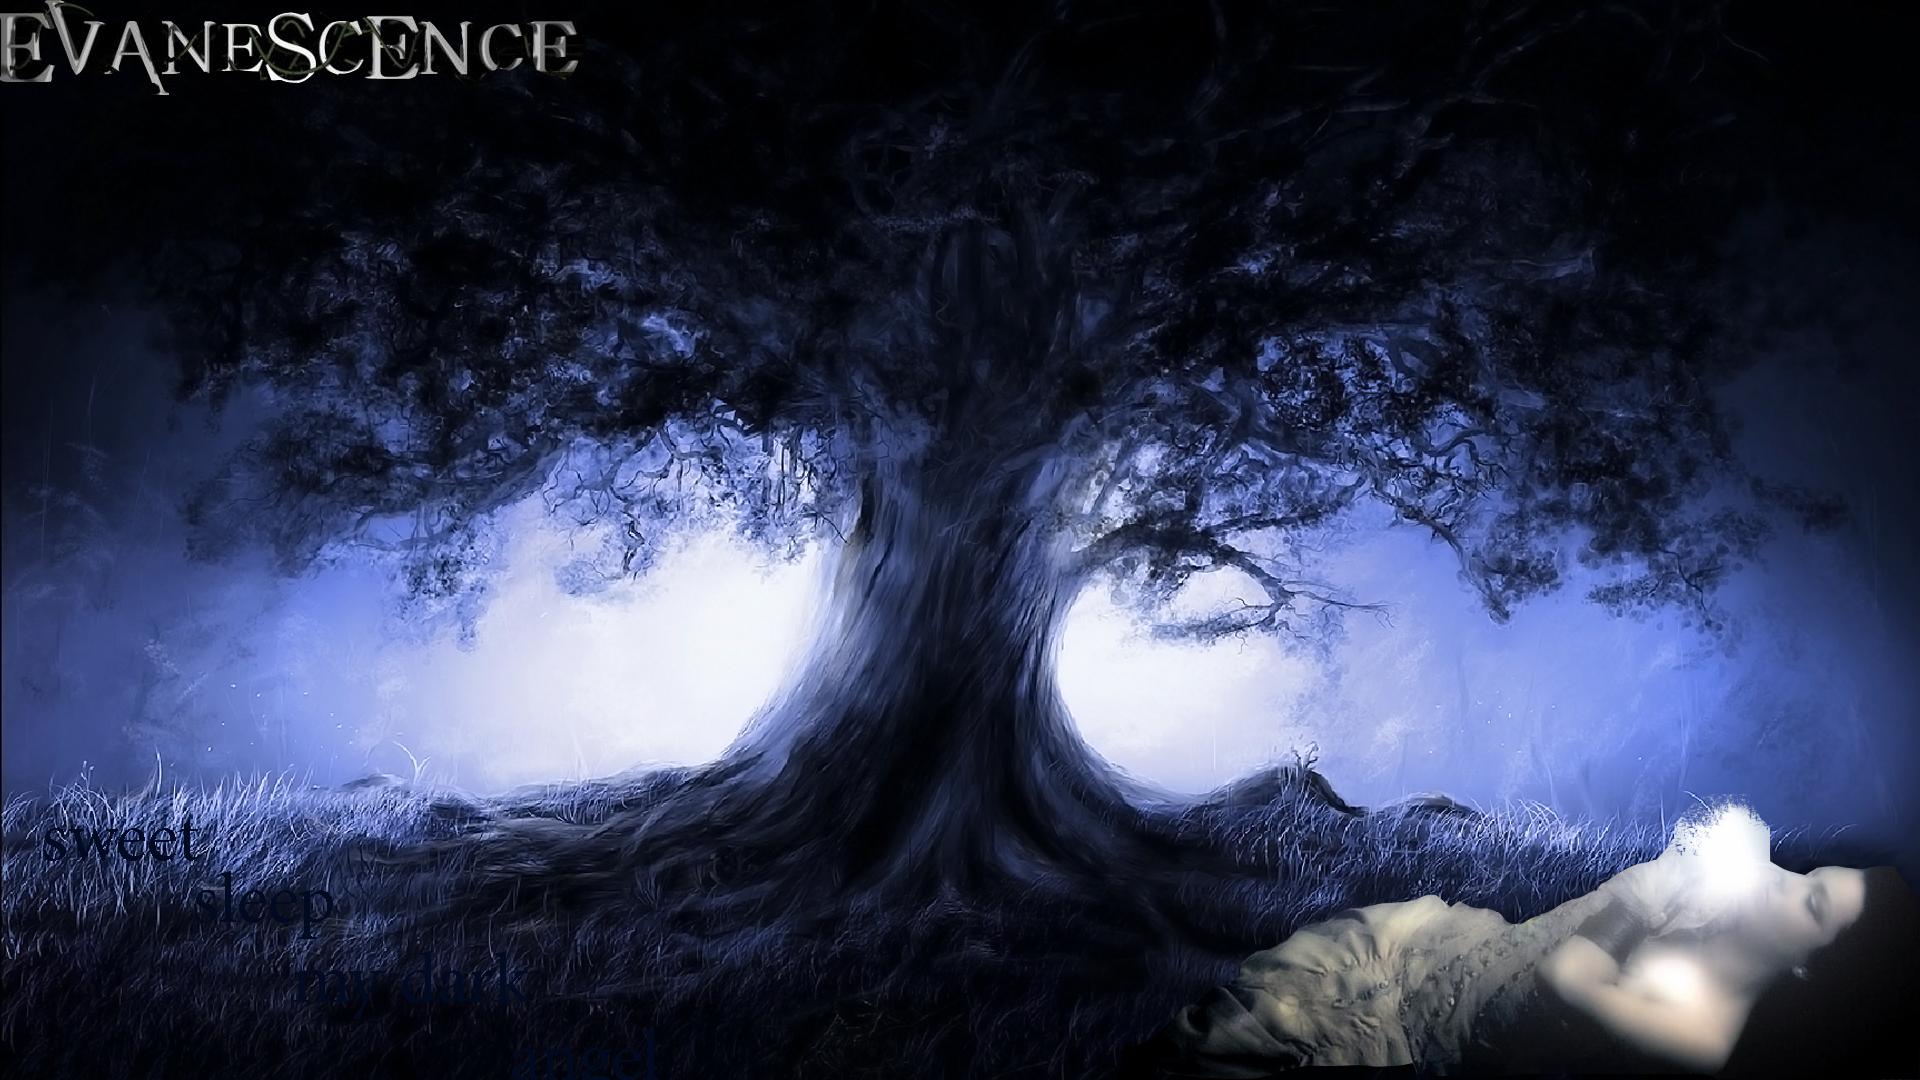 evanescence hearts wallpaper - photo #12